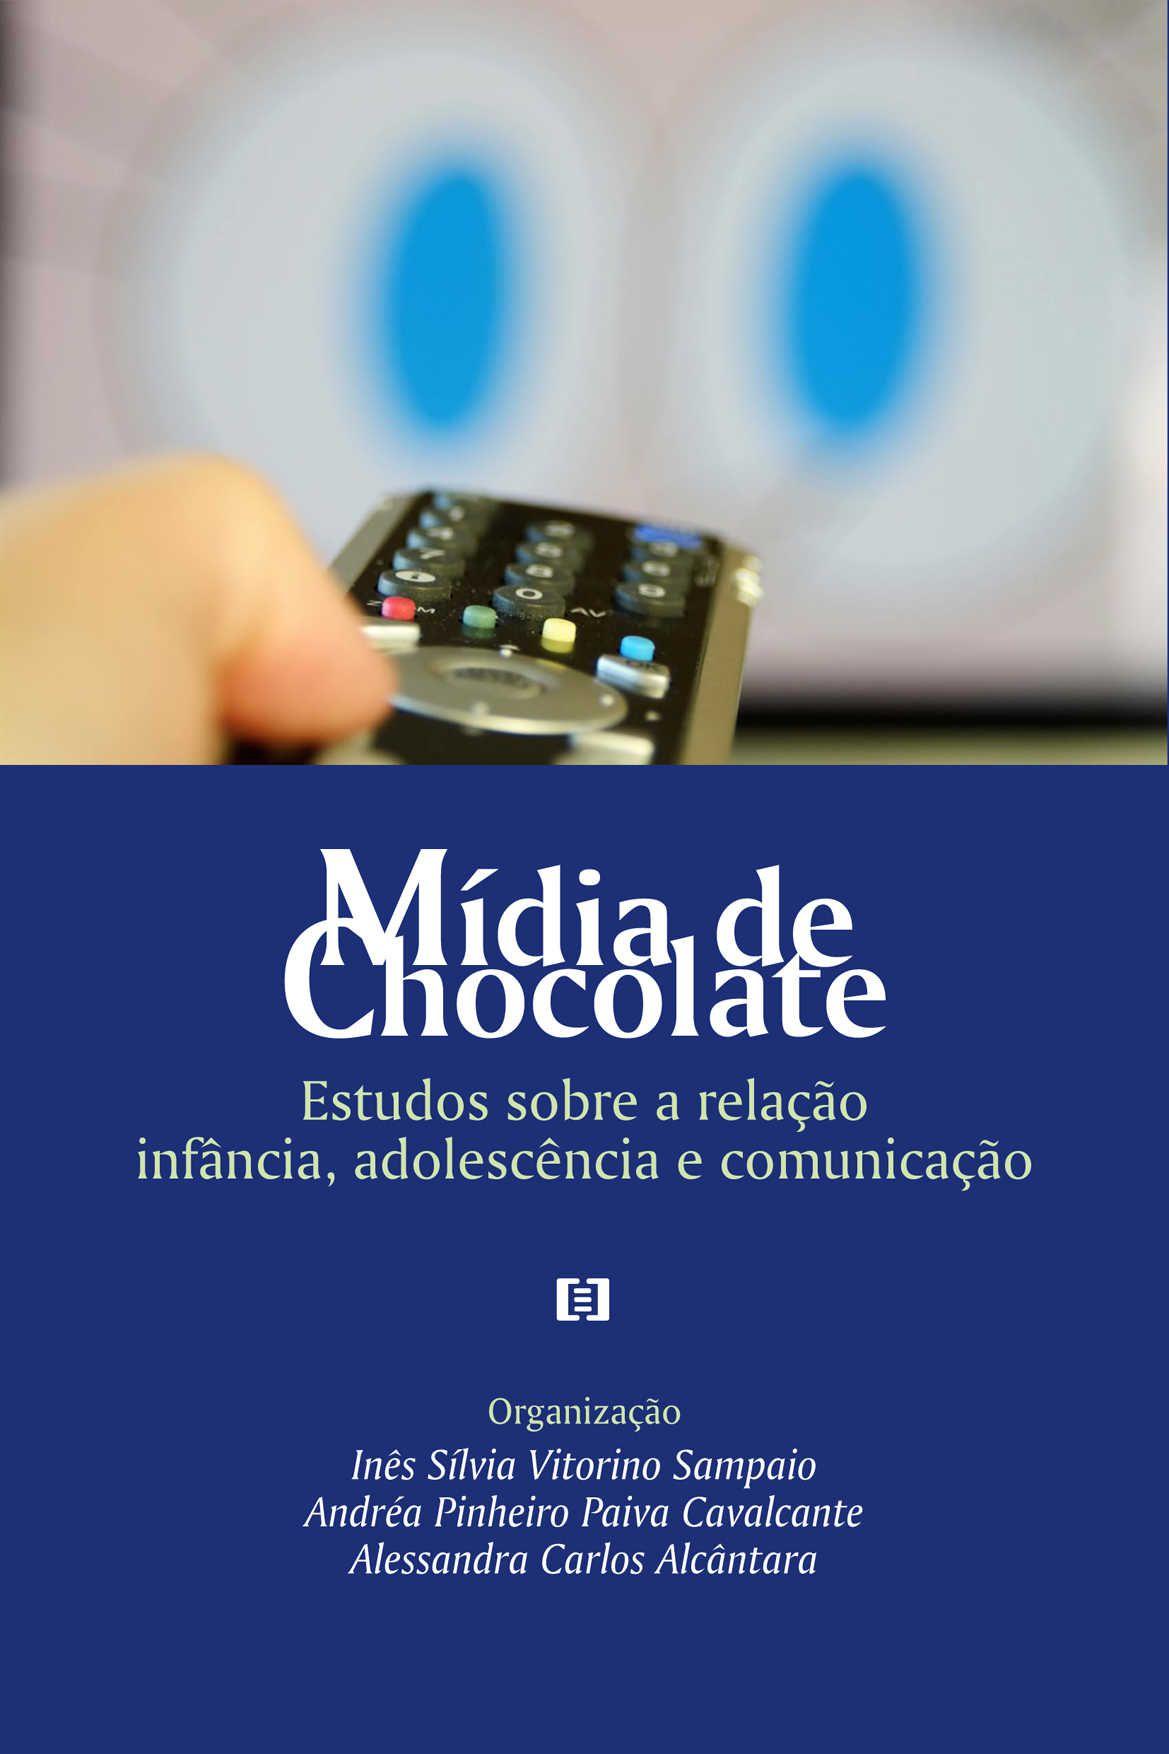 Mídia de Chocolate: Estudos sobre a relação infância, adolescência e comunicação